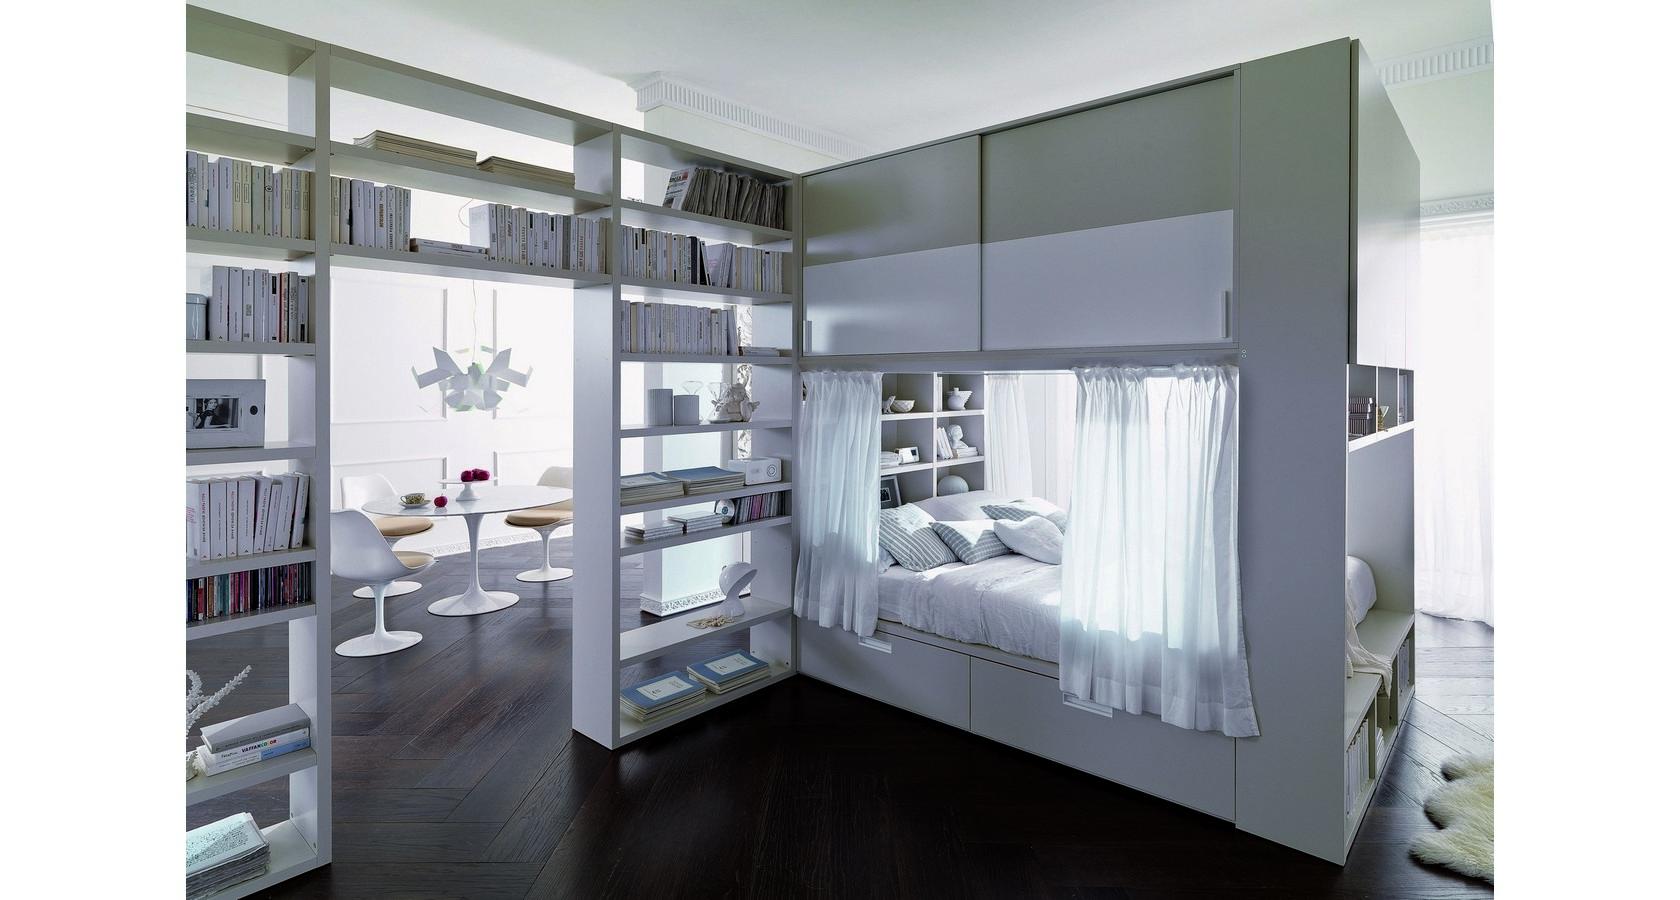 Progettare una cabina armadio misure e dimensioni minime per il fai da te - Idee armadio camera da letto ...